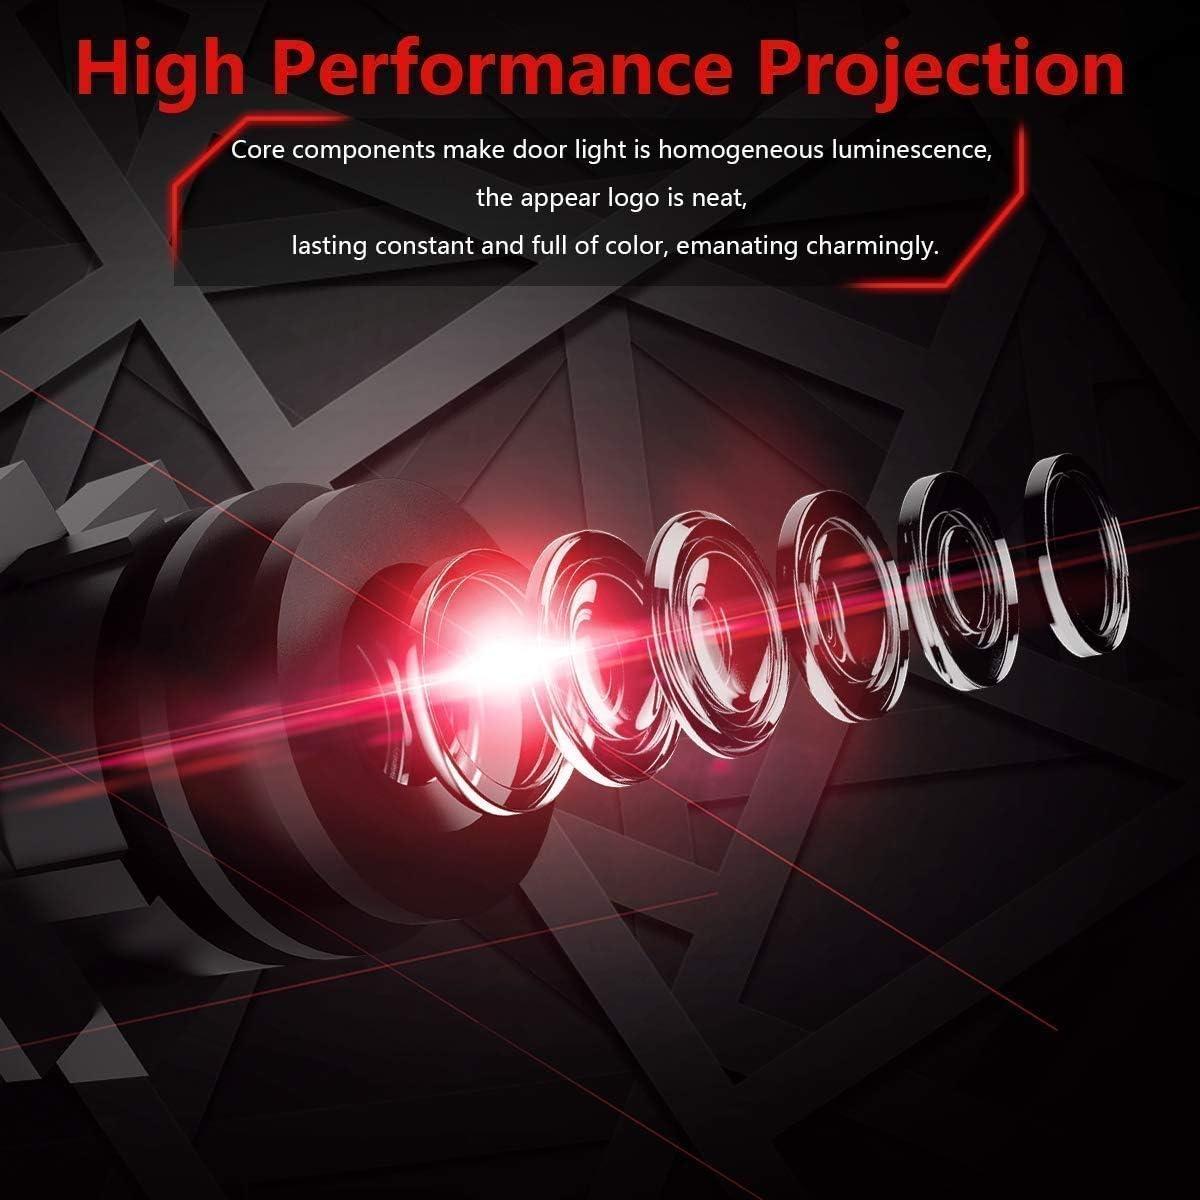 HConce 4 St/ücke Autot/ür Logo Projektion Licht T/ürbeleuchtung Willkommen Licht Einstiegsbeleuchtung by Albright